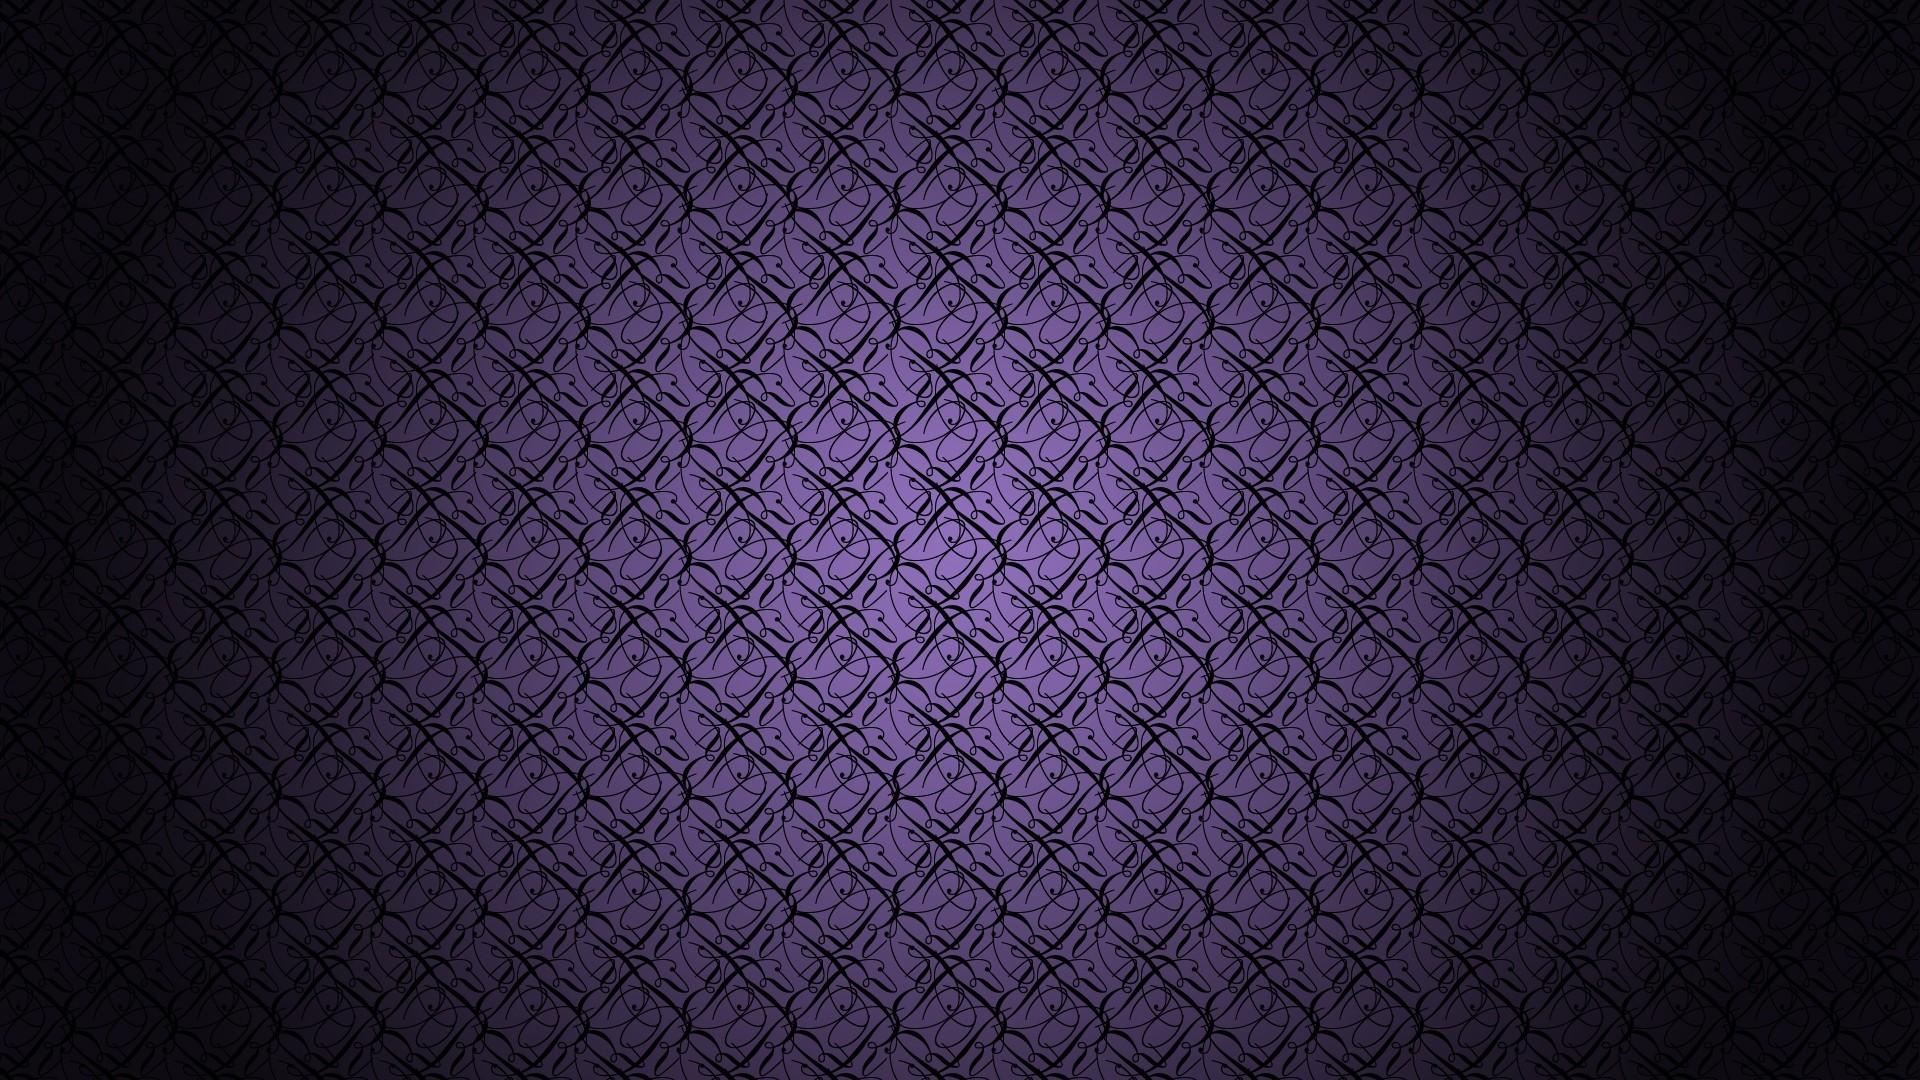 Wallpaper pattern, background, dark, shadow